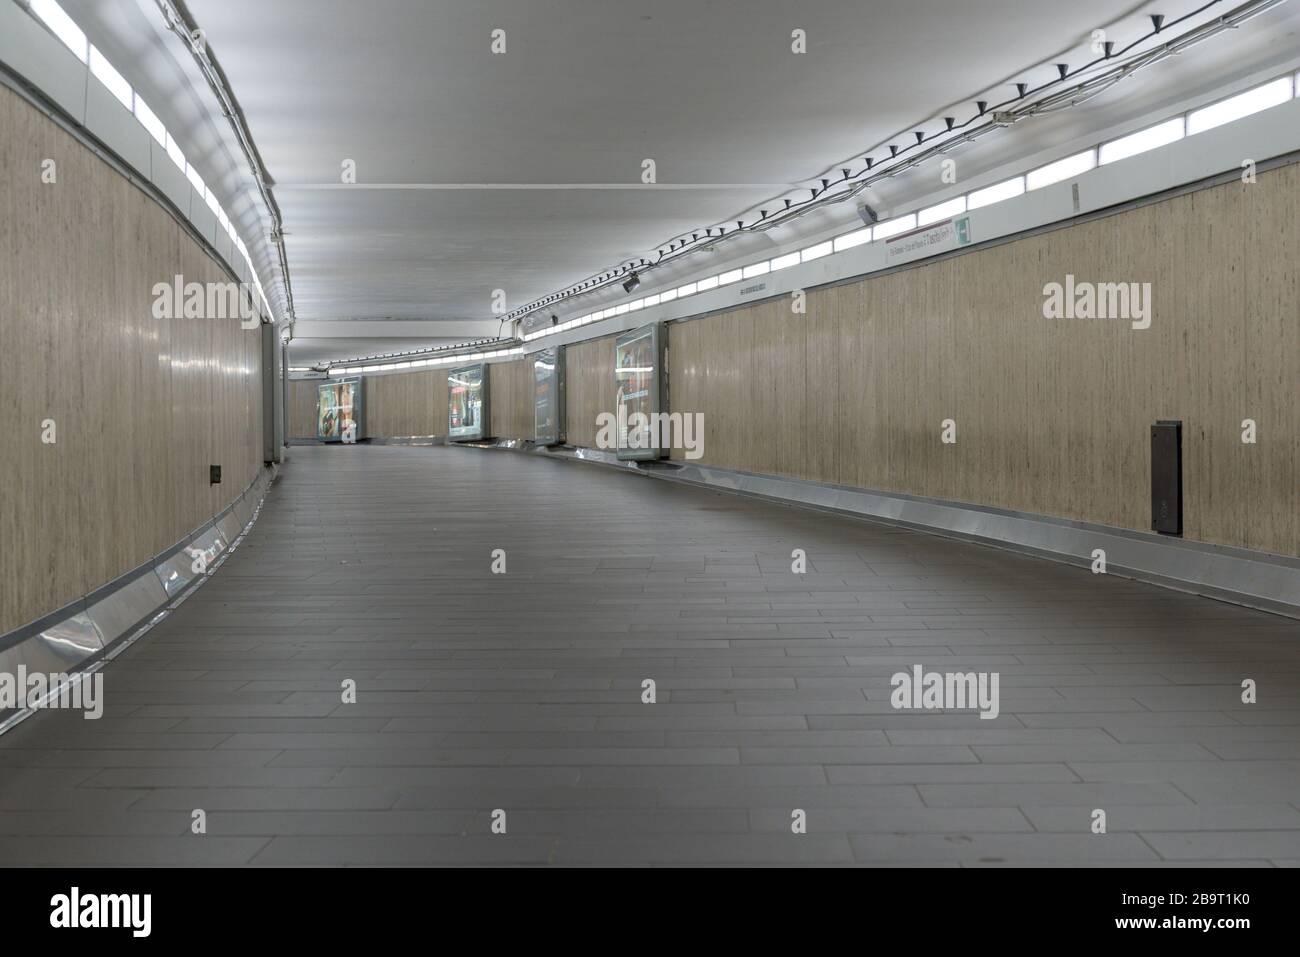 ROMA, ITALIA - 12 de marzo de 2020: Las galerías de metro de Flaminio paran parecen inquietantes sin los habituales viajeros en Roma, Italia. En la pandemia del coronavirus, Foto de stock